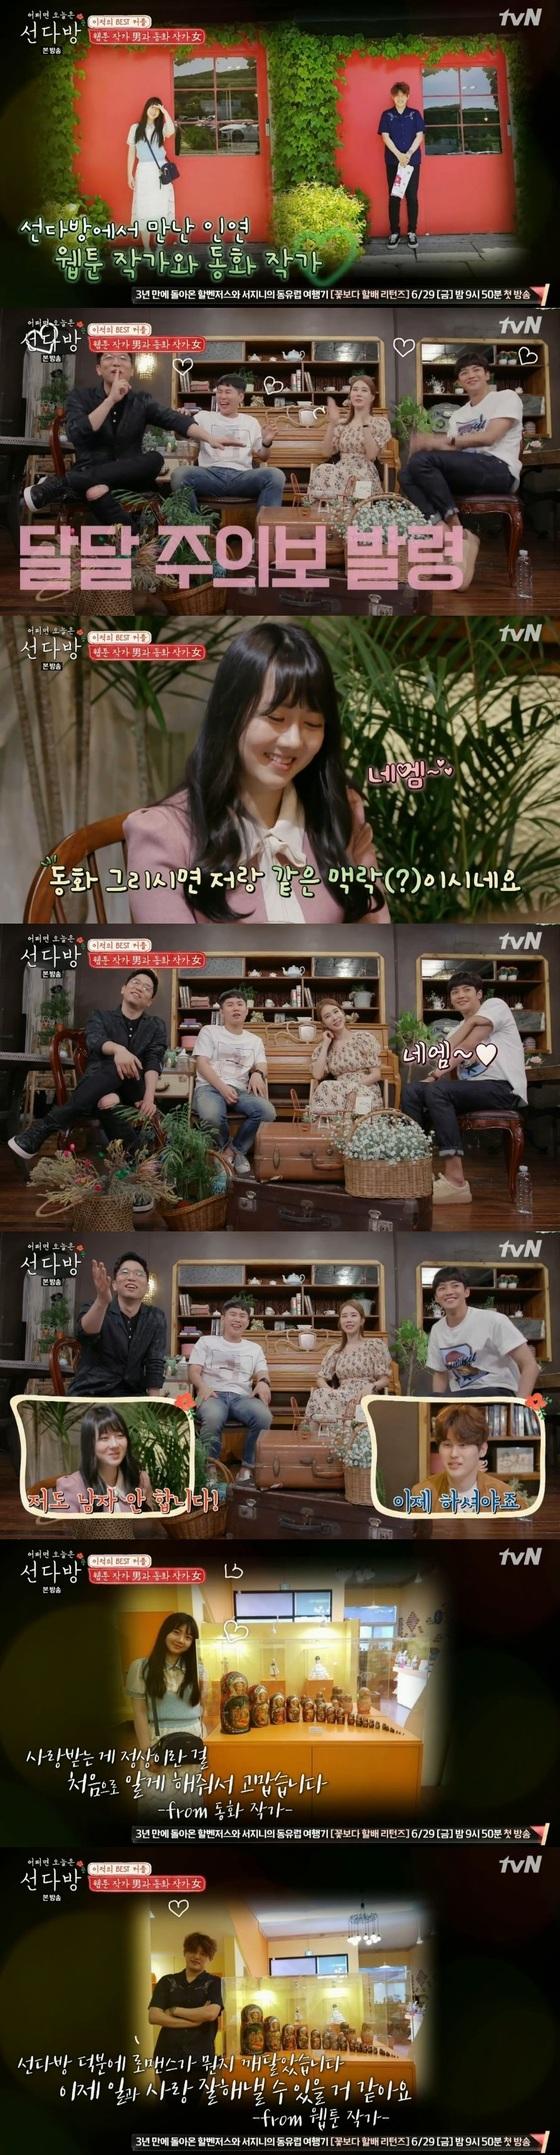 '선다방' 웹툰작가♥동화작가, 사랑 시작 후일담…유인나 '뭉클'